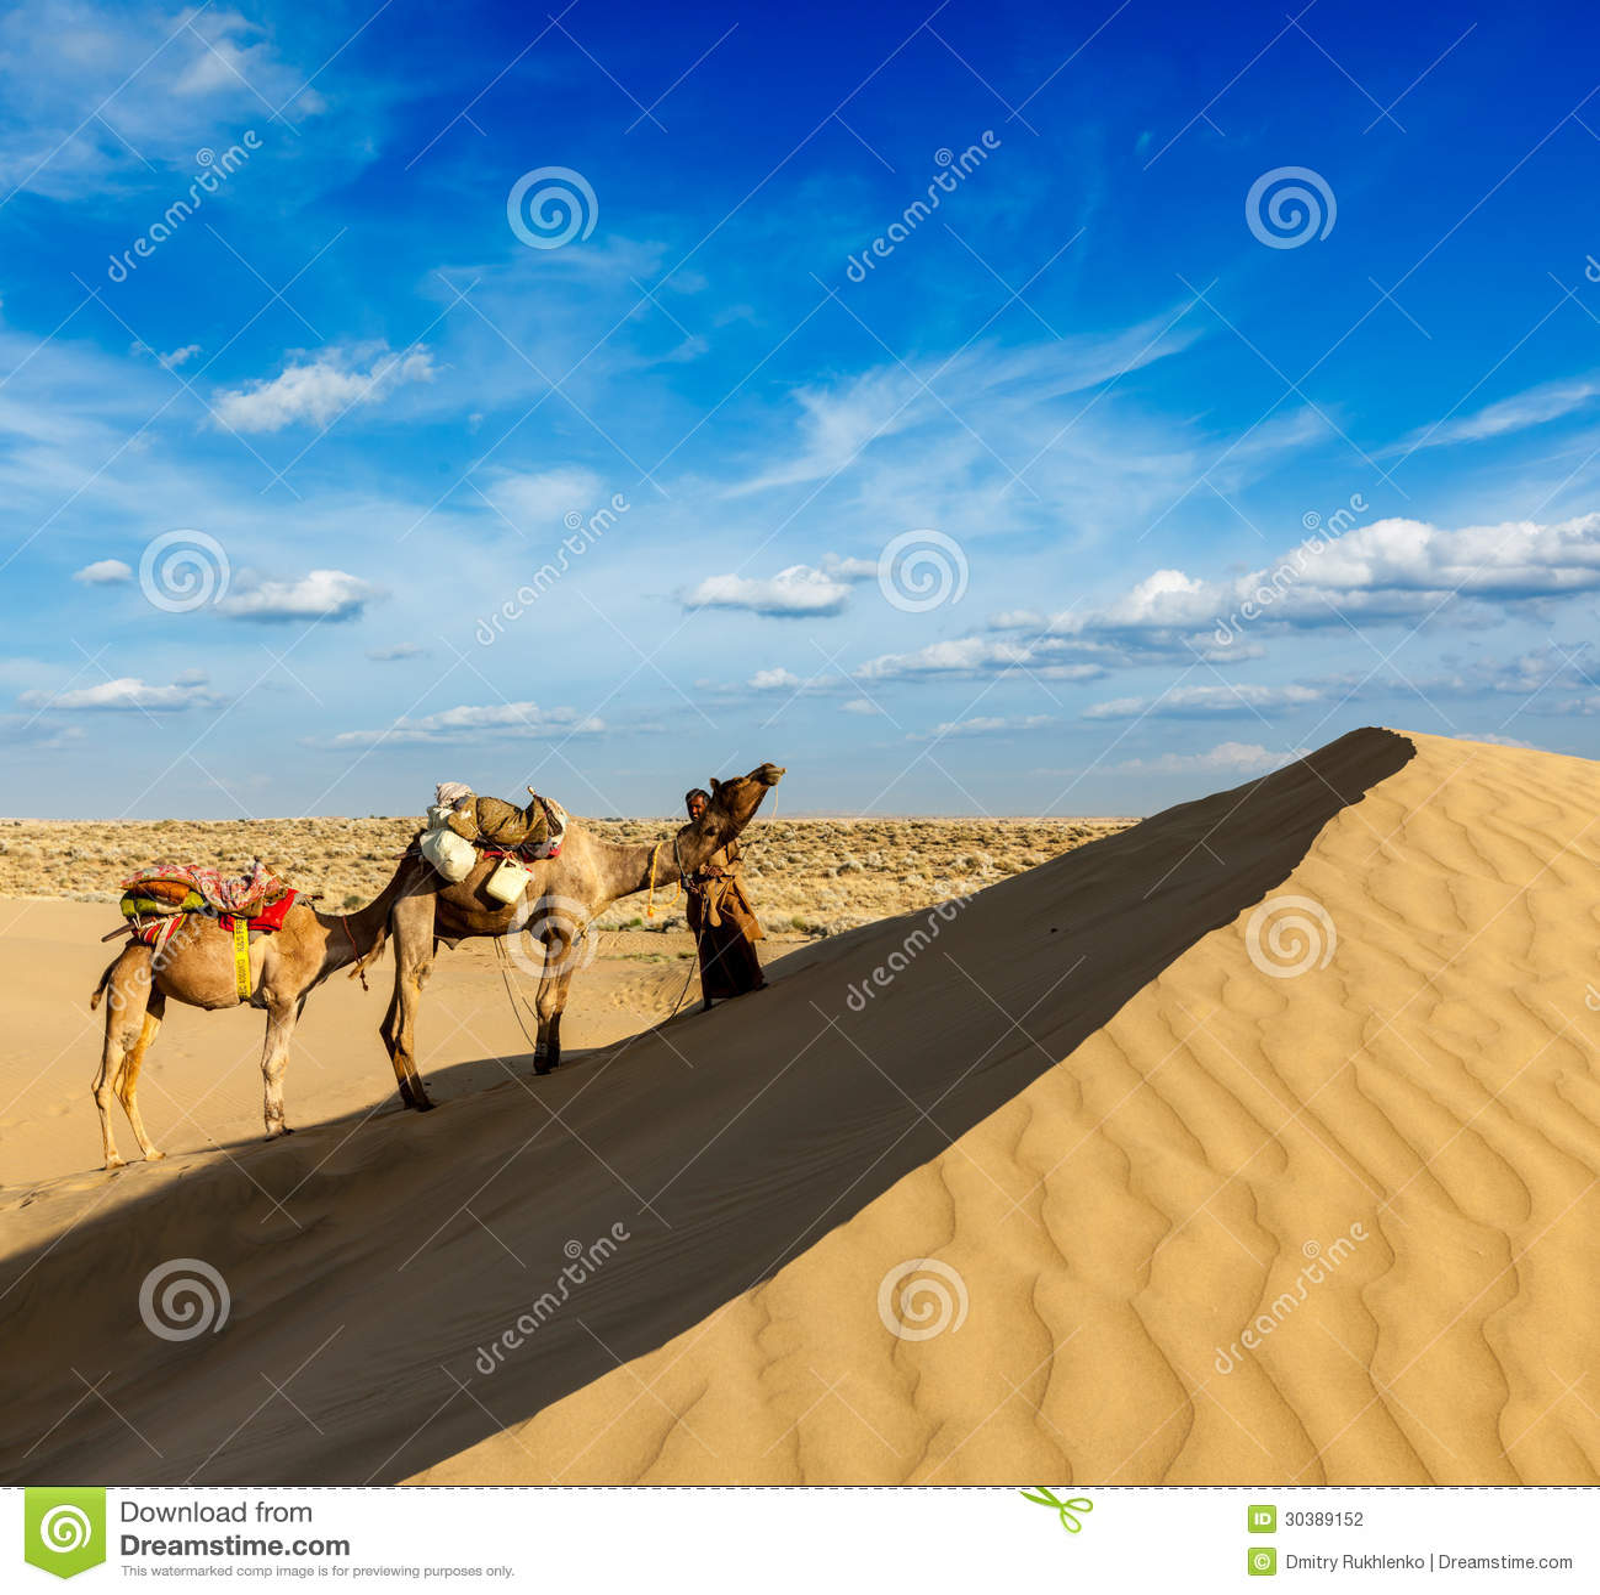 Cameleer (водитель верблюда) с верблюдами в дюнах пустыни Thar. Raj